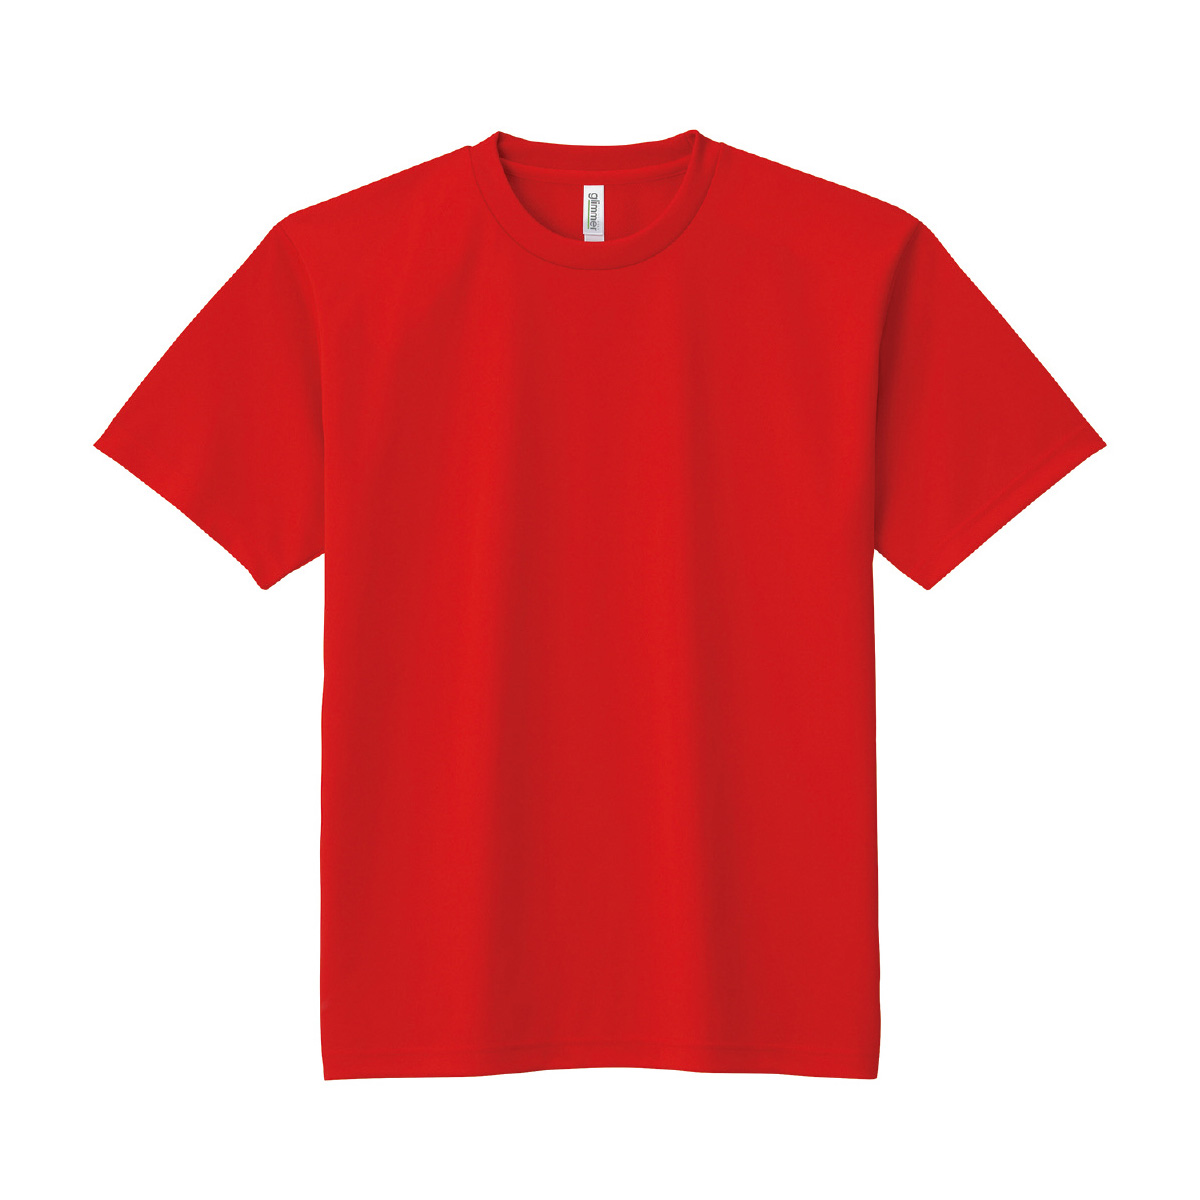 DXドライTシャツ レッド Tシャツ メンズ 速乾 半袖 レディース キッズ 子供 無地